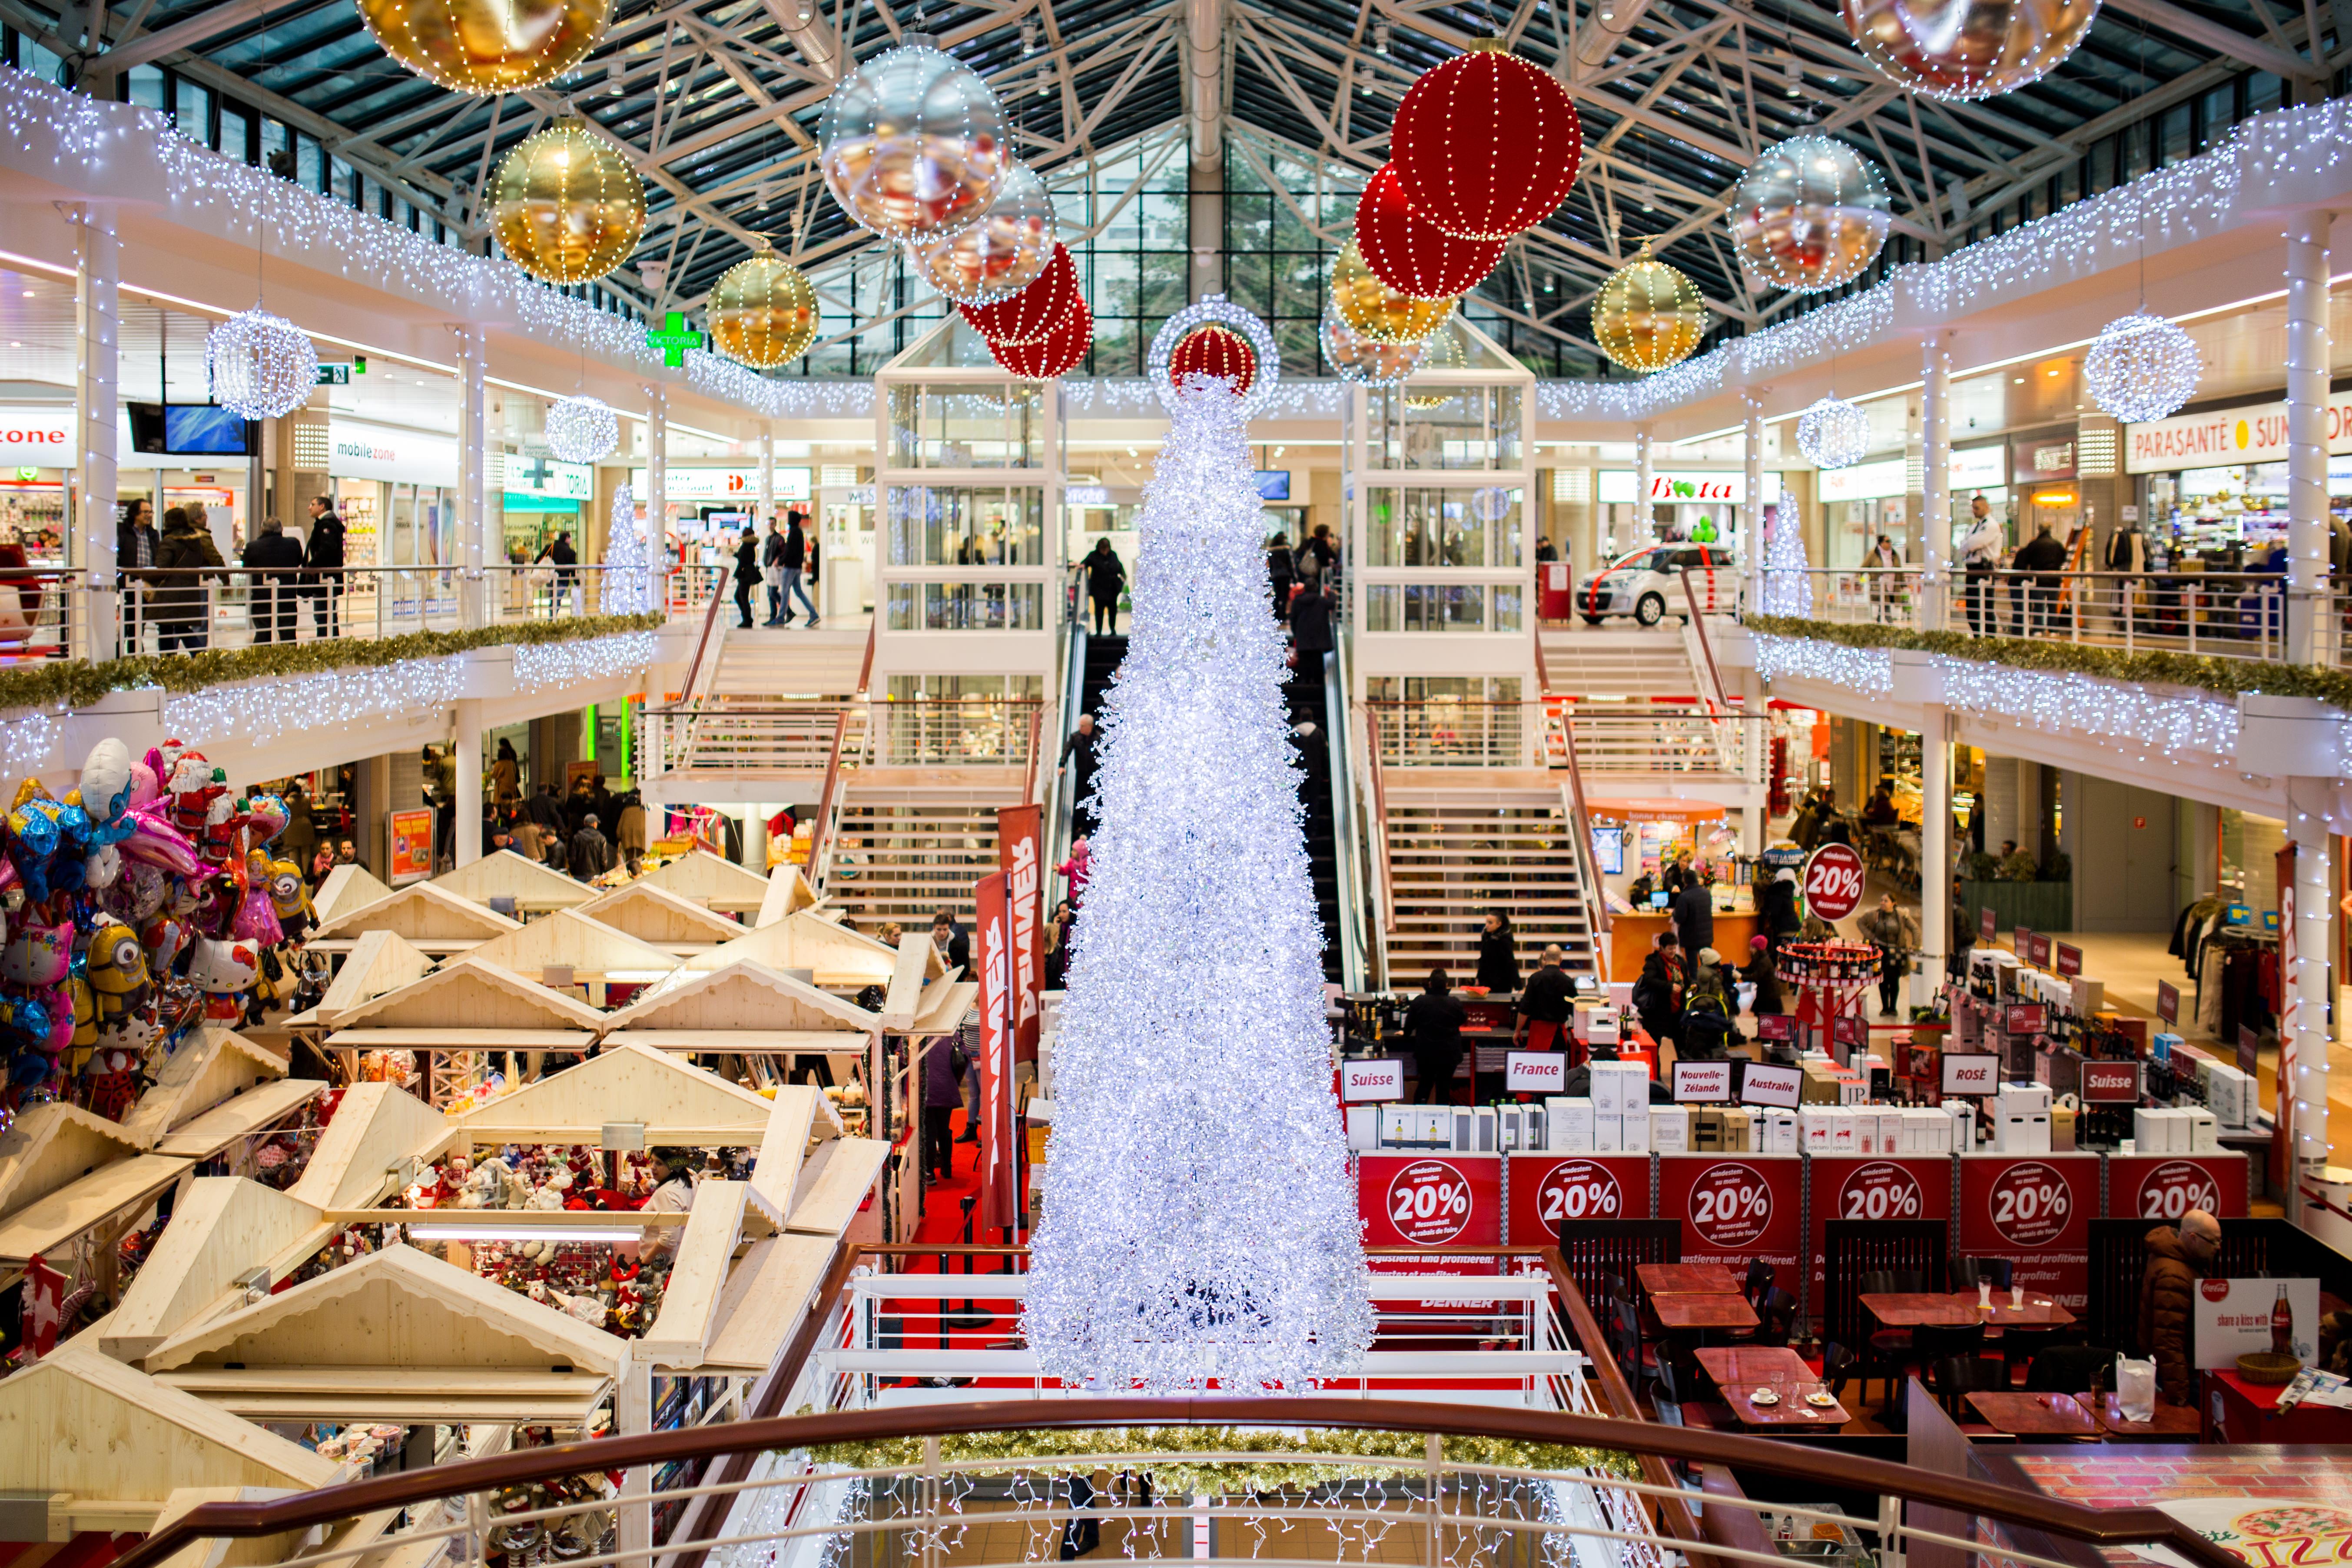 shopping_center-186613.jpeg